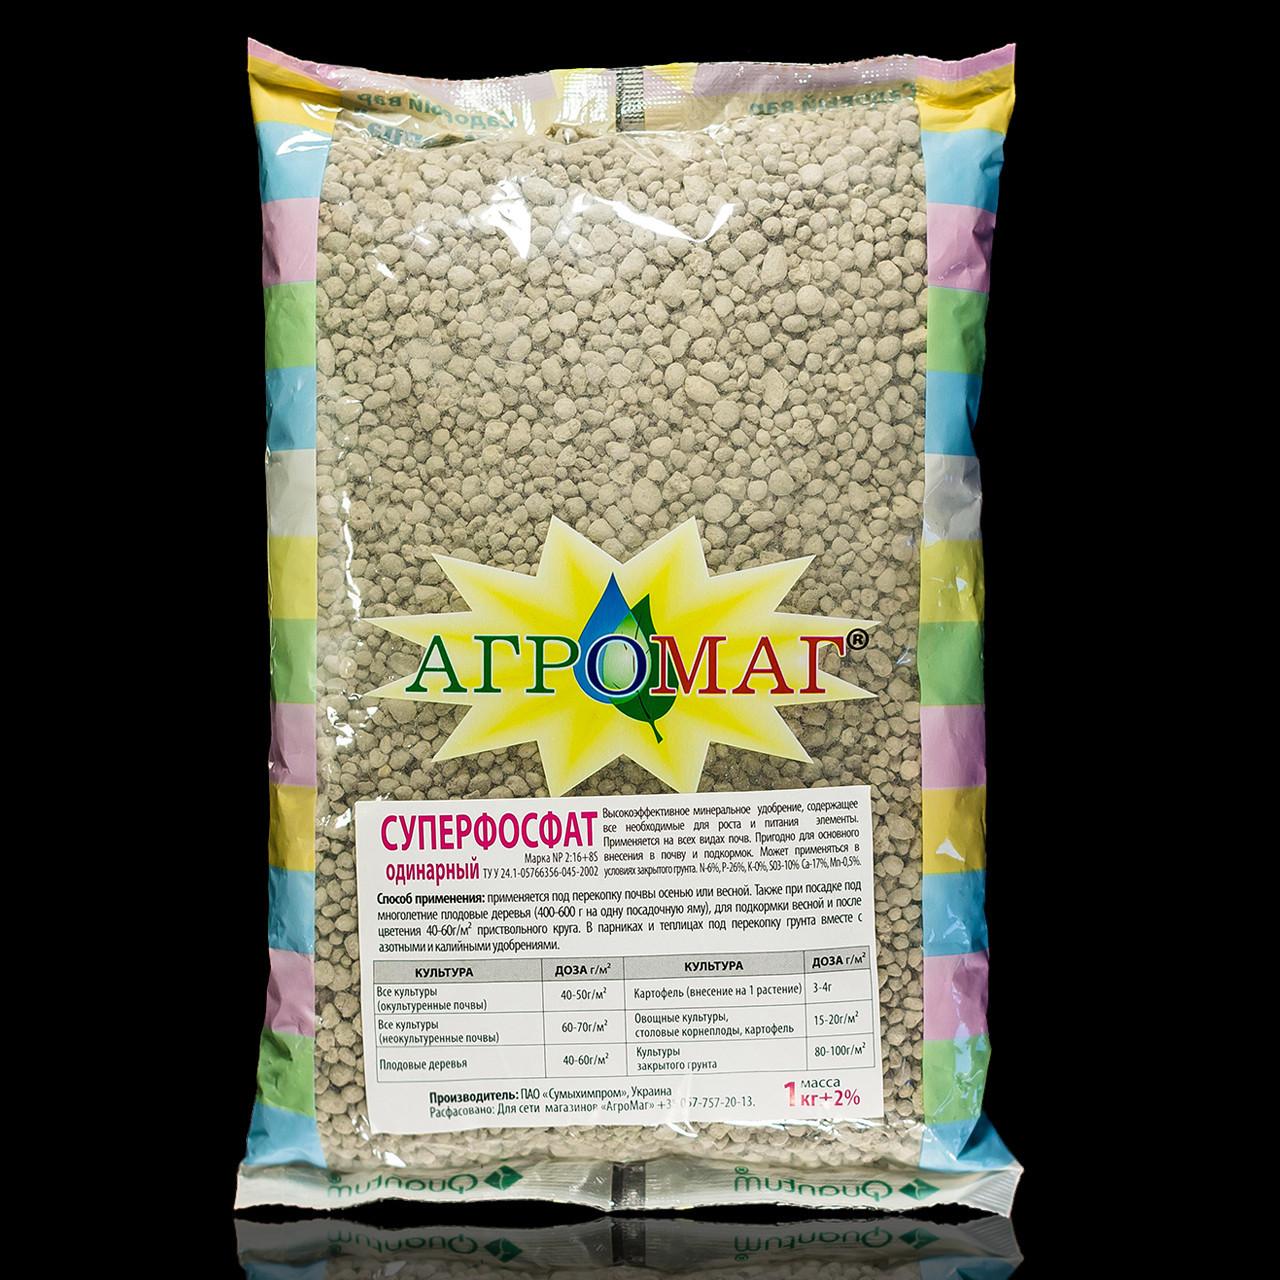 Суперфосфат, АГРОМАГ, одинарный, 1 кг (Удобр_Агромаг-суперфосф)